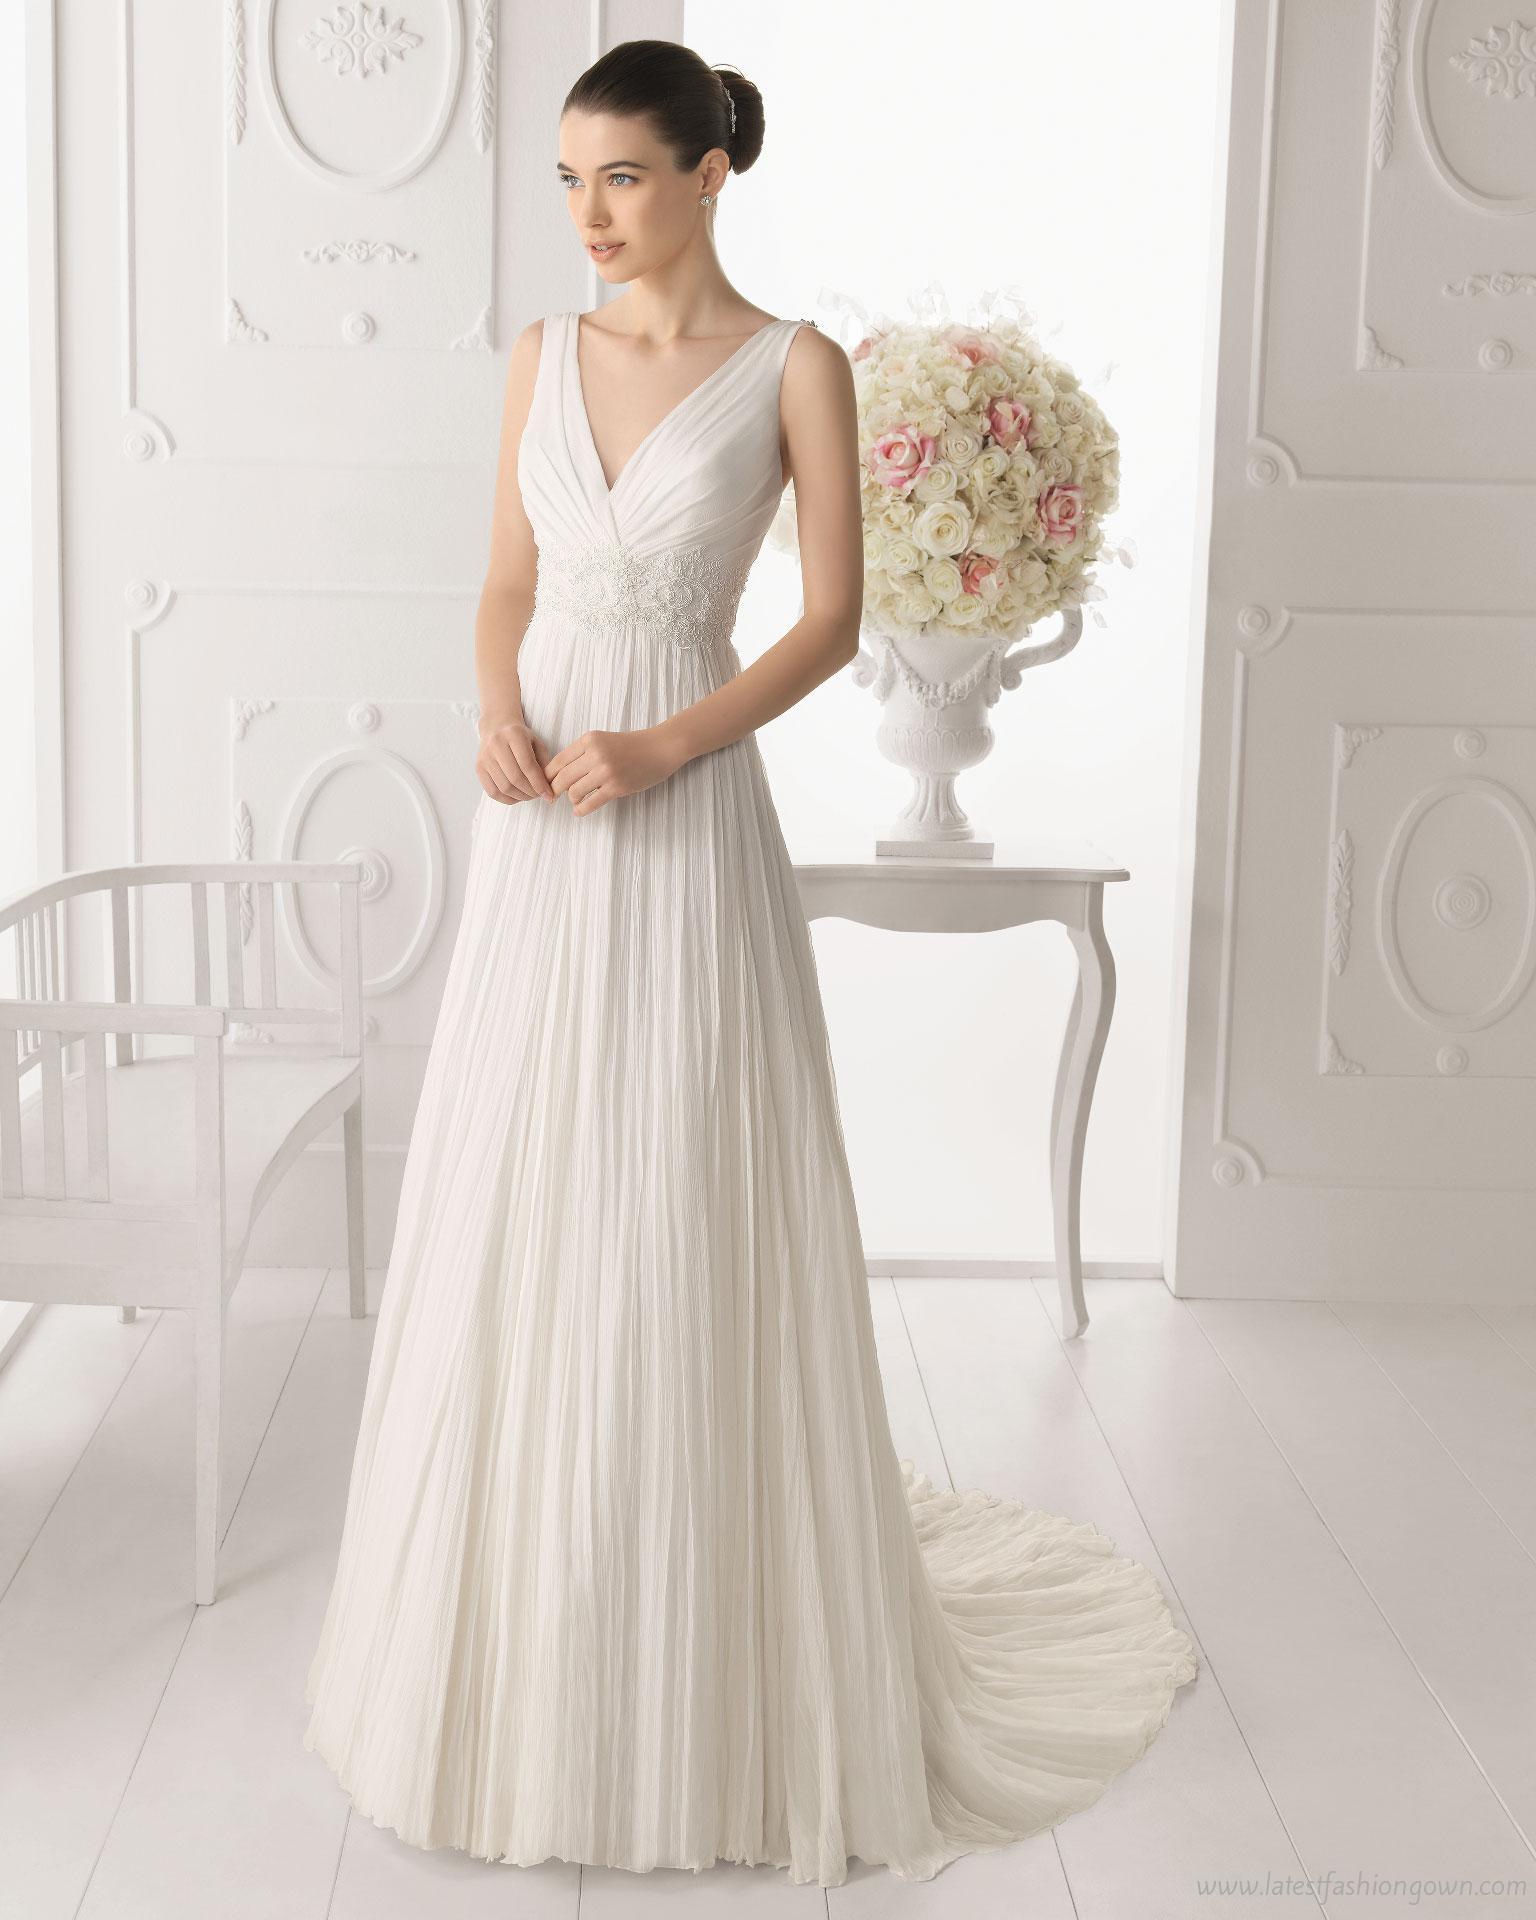 Свадебный платья бюджетный вариант